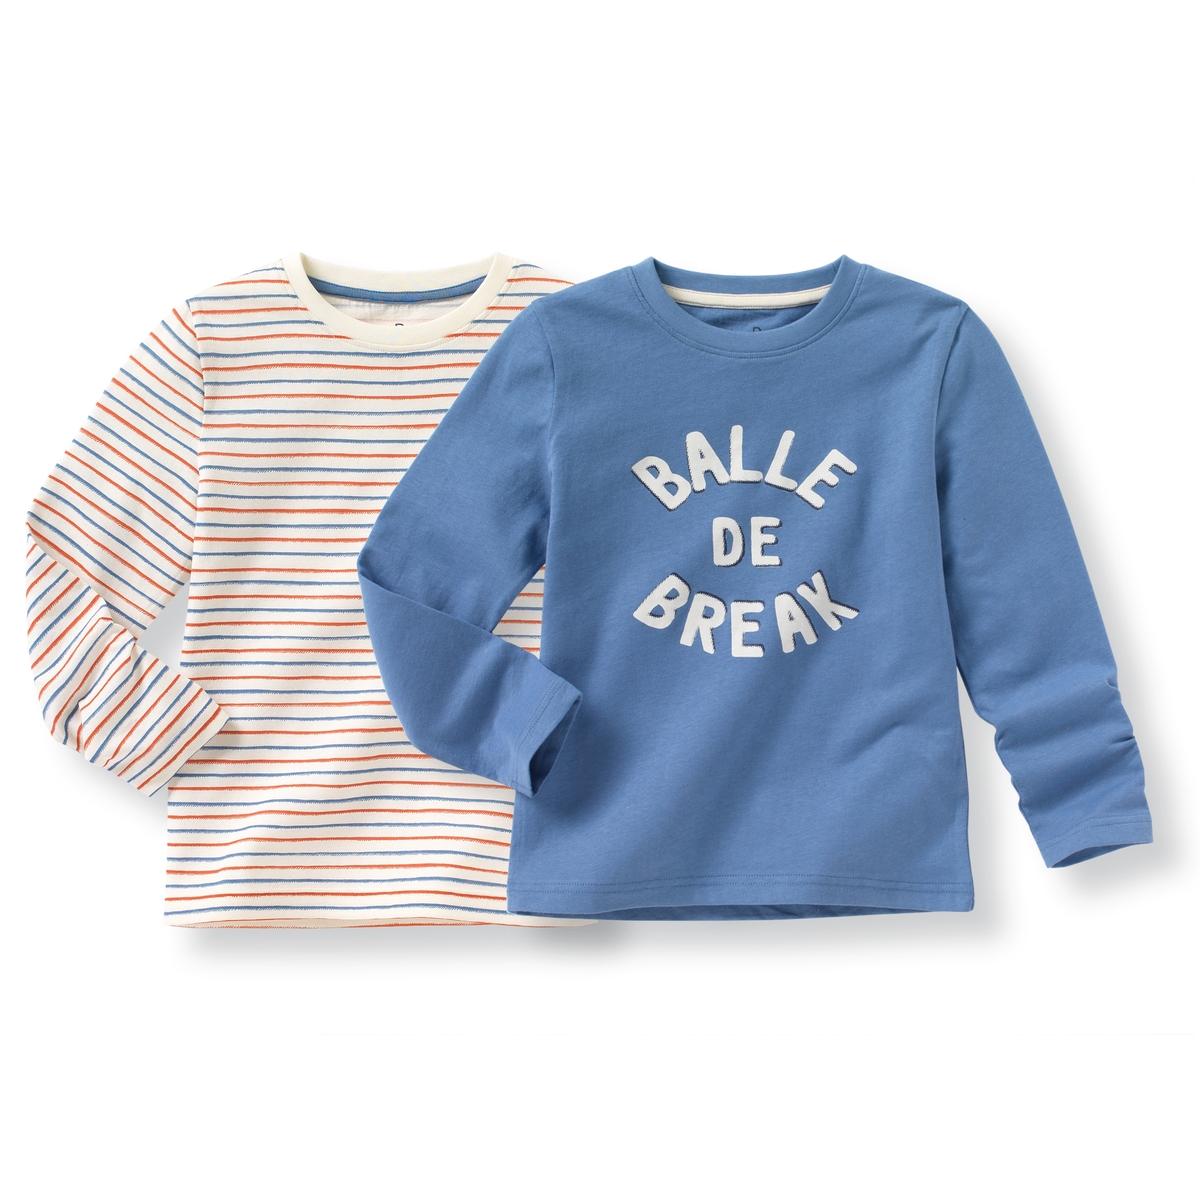 Комплект из 2 футболок с длинными рукавами, 3-12 летСостав и описаниеМатериал      100% хлопокМарка      R ?ditionУход:Машинная стирка при 30 °C с вещами схожих цветовСтирать и гладить с изнаночной стороныМашинная сушка запрещенаГладить на низкой температуре<br><br>Цвет: синий + в полоску<br>Размер: 12 лет -150 см.10 лет - 138 см.8 лет - 126 см.6 лет - 114 см.5 лет - 108 см.4 года - 102 см